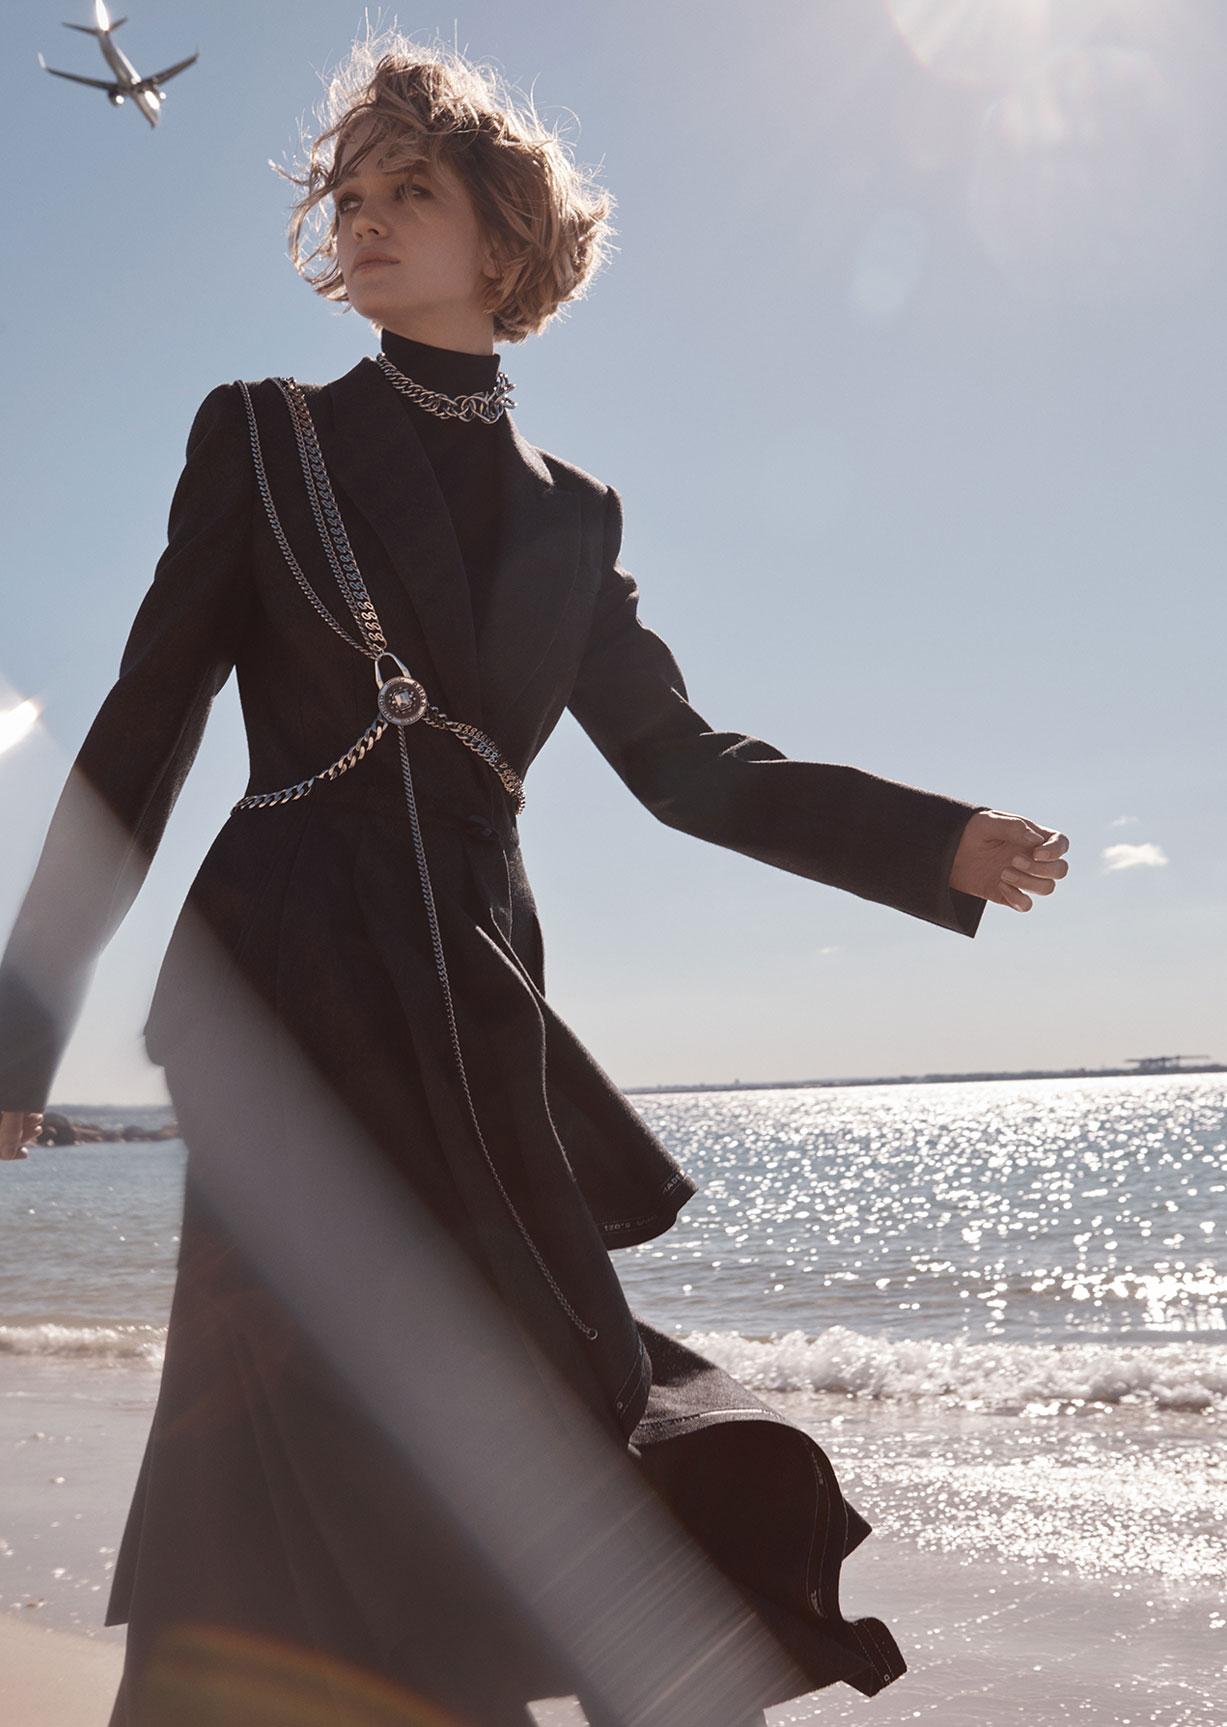 Девушка едет к холодному морю / фото 14